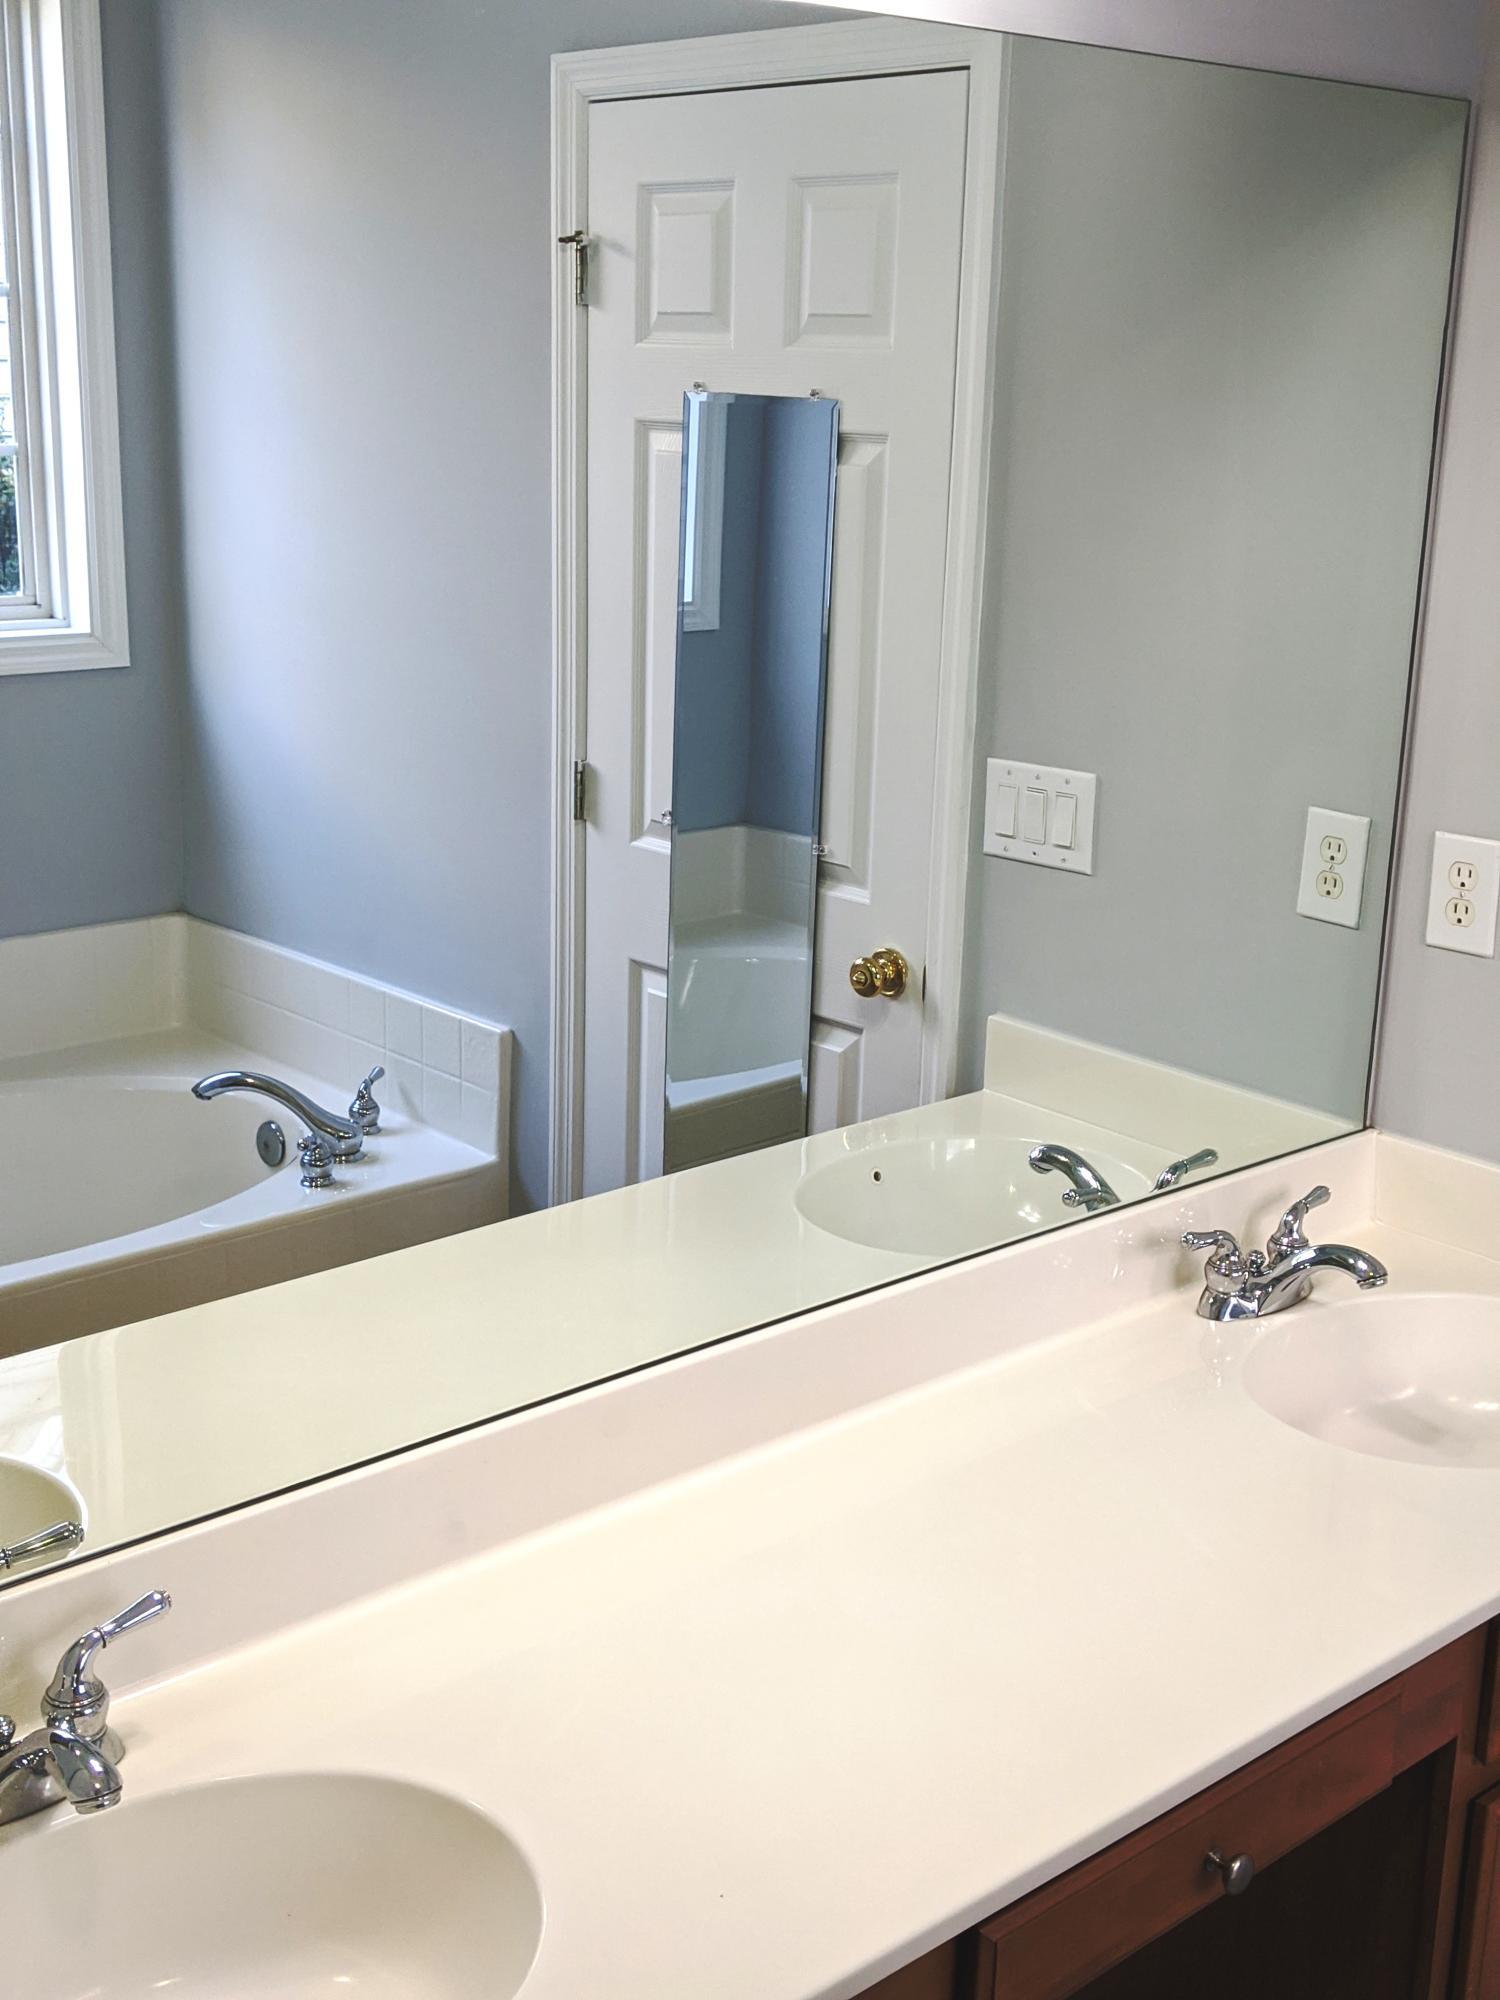 Park West Homes For Sale - 2131 Baldwin Park, Mount Pleasant, SC - 17